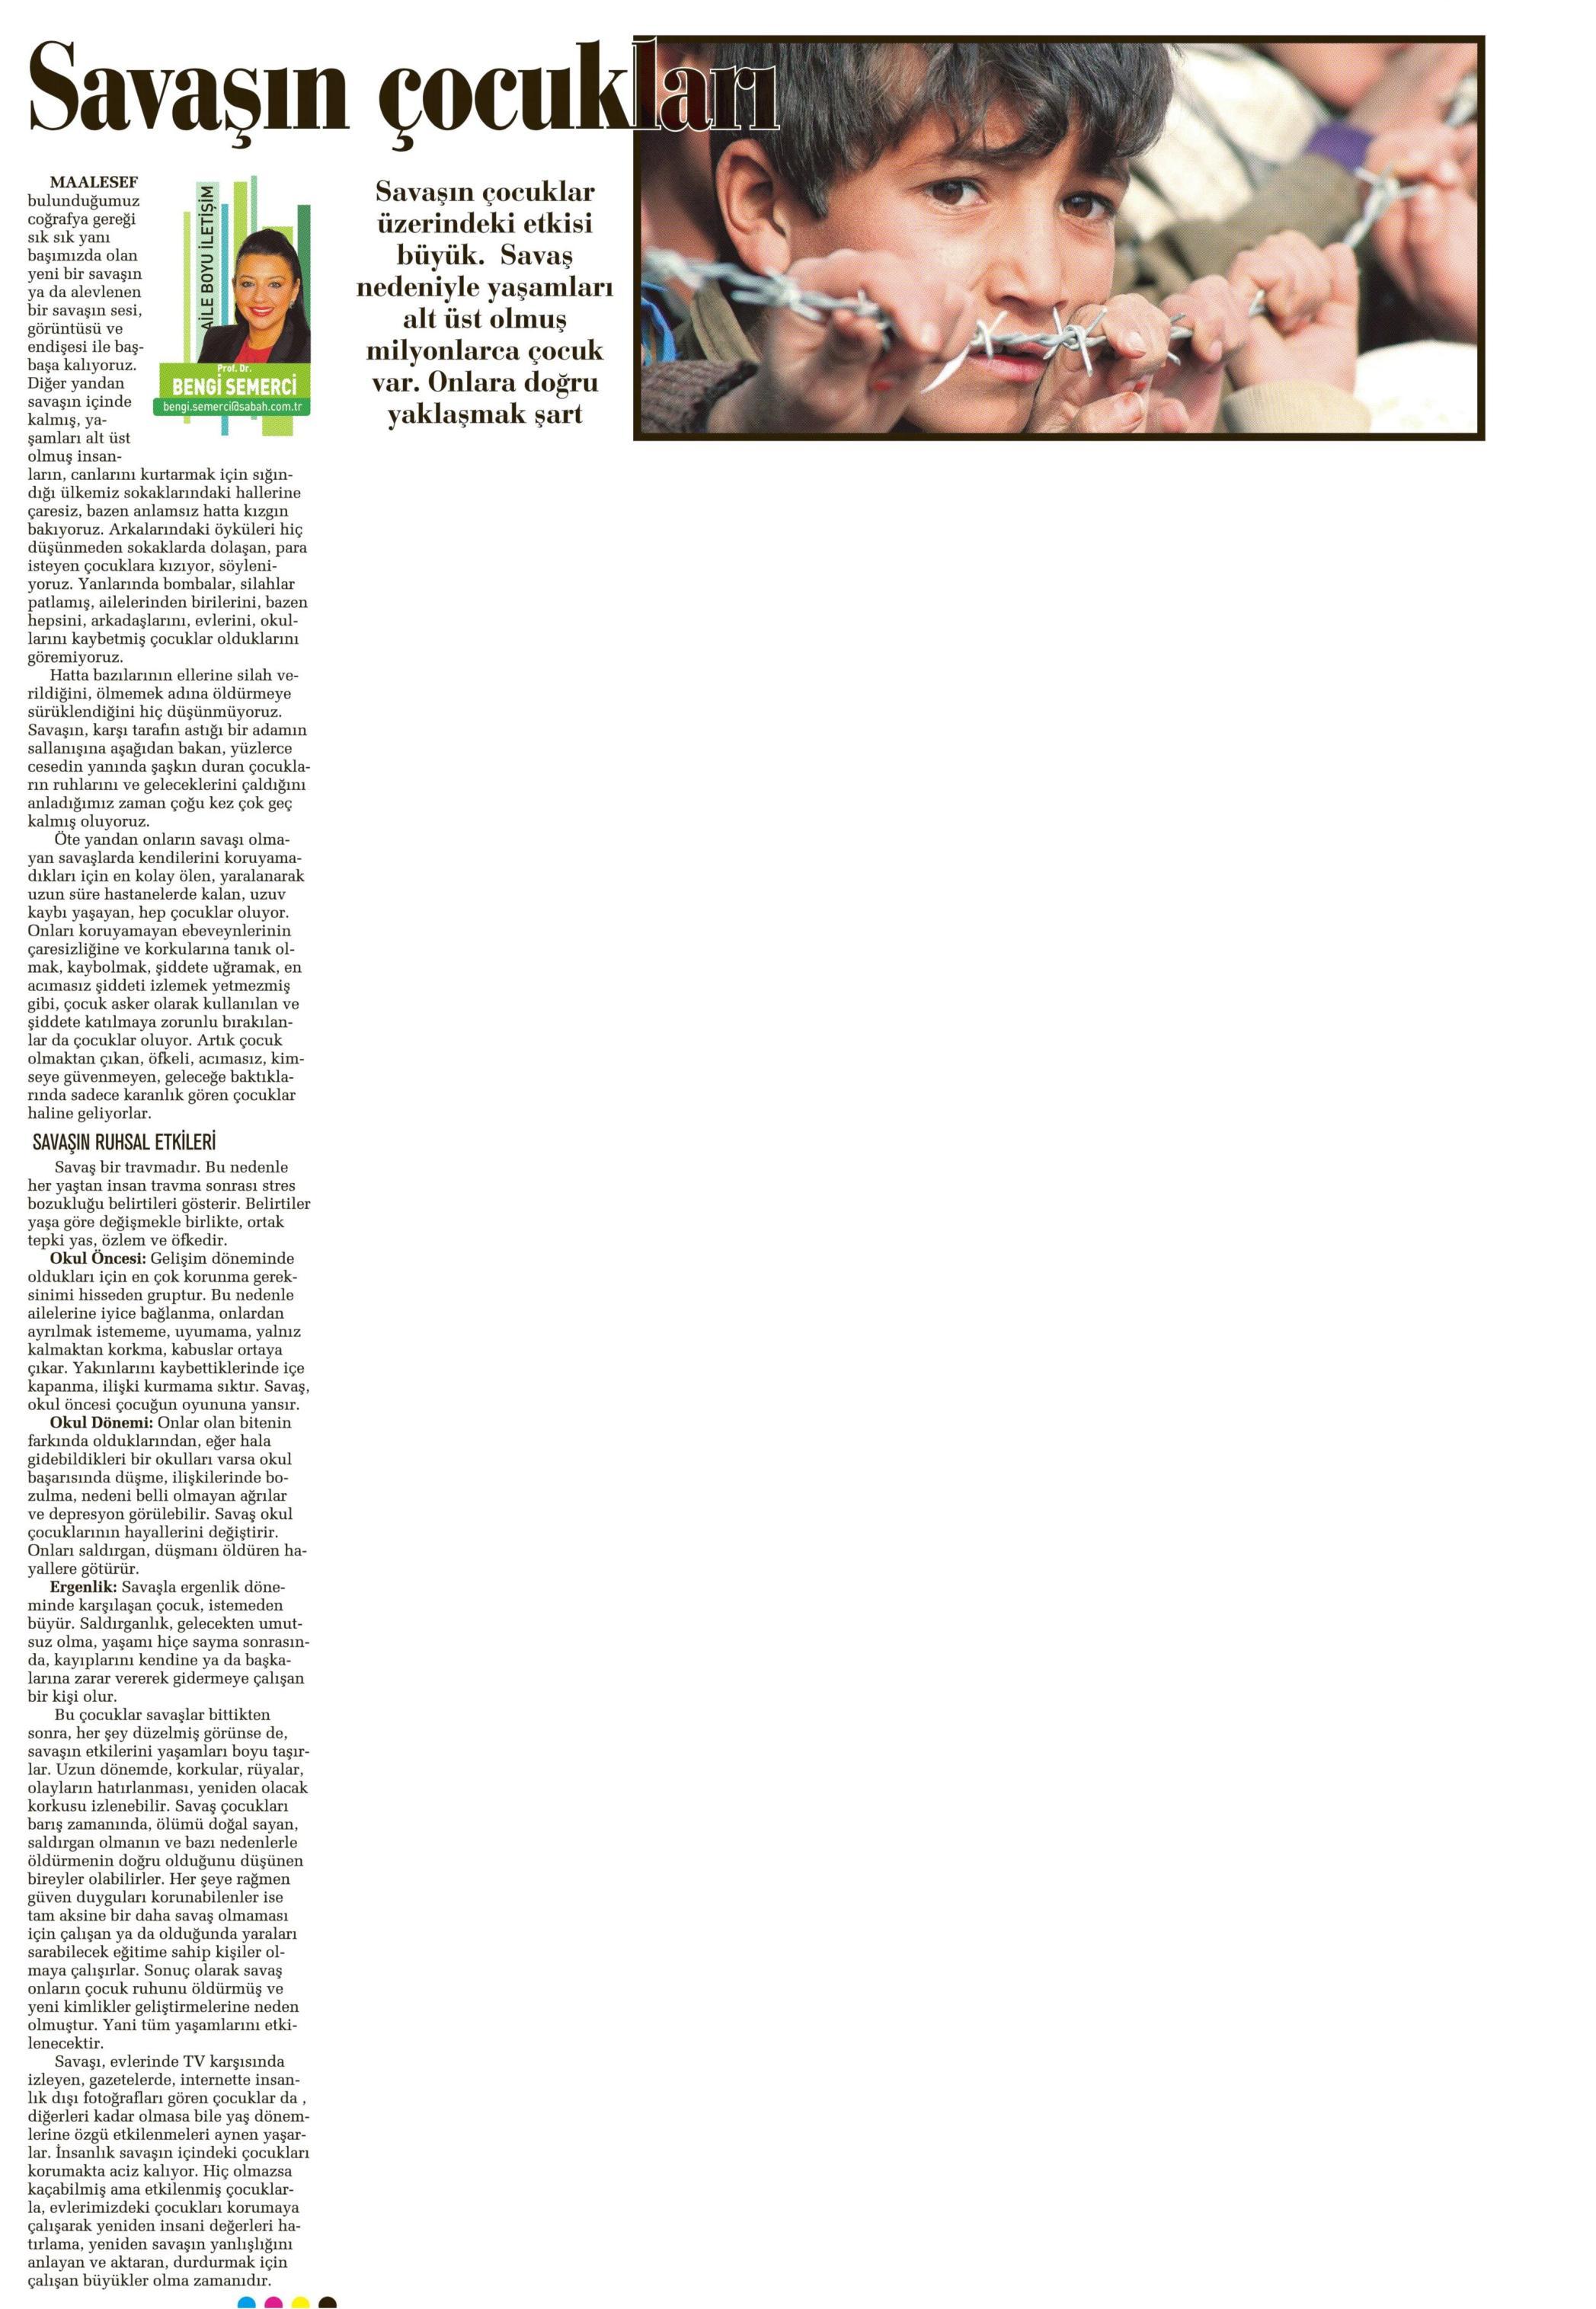 Savaşın Çocukları - SABAH CUMARTESİ 21.06.2014